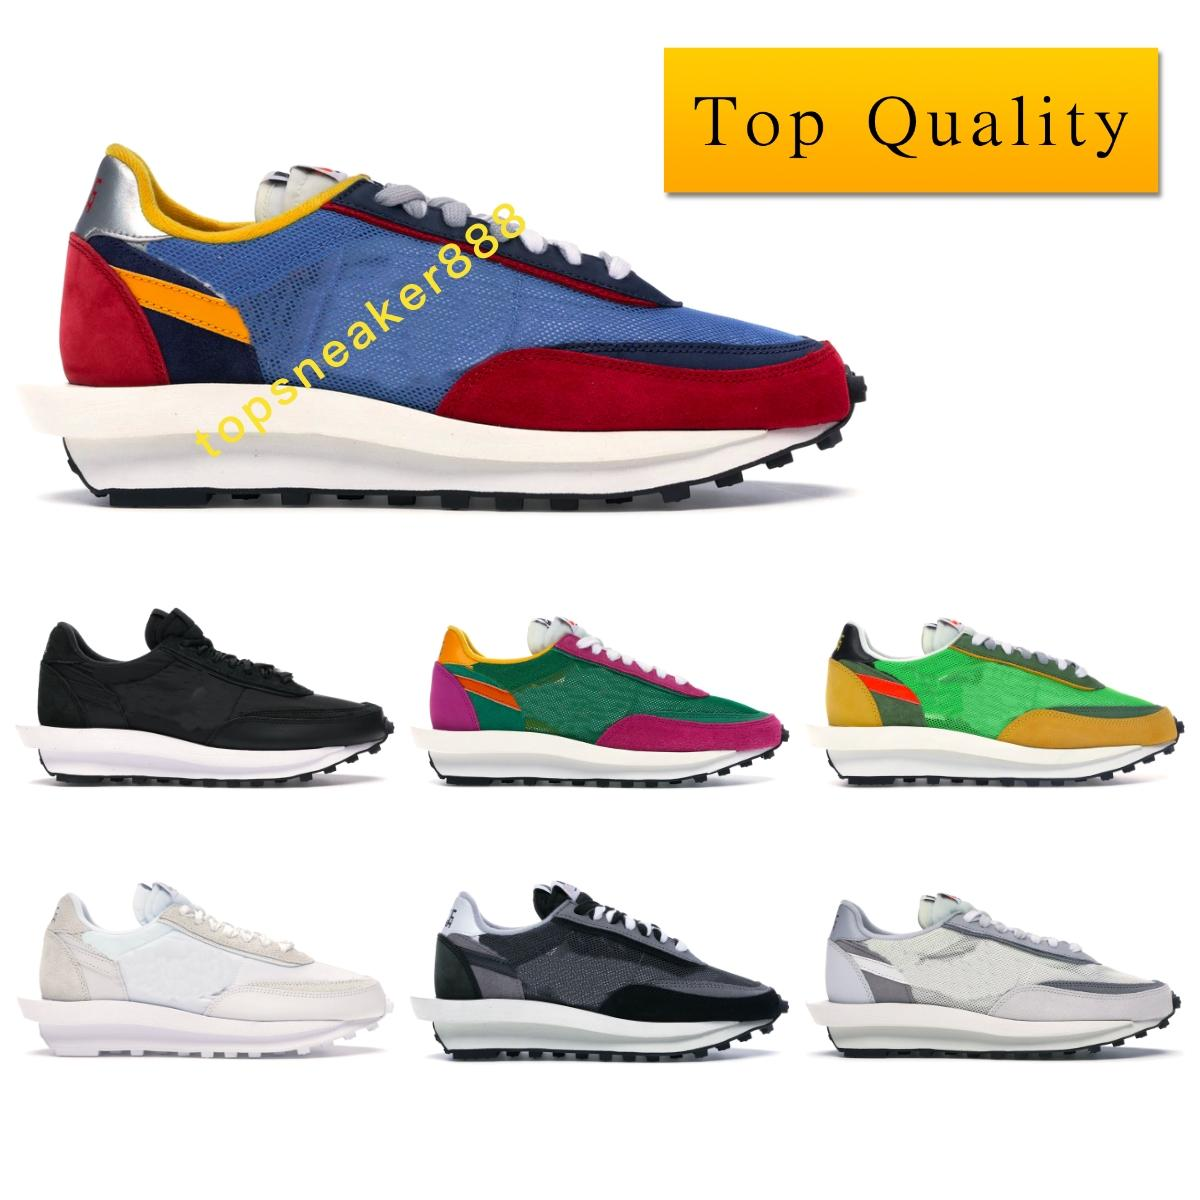 LD Waffle Sacai Blue Multi Sneaker Sport Shoes Man Nedensel Ayakkabı Üst Kalite Siyah Naylon Zirve Beyaz Mavi Çoklu Sneaker ile Kutu Boyutu 36-46